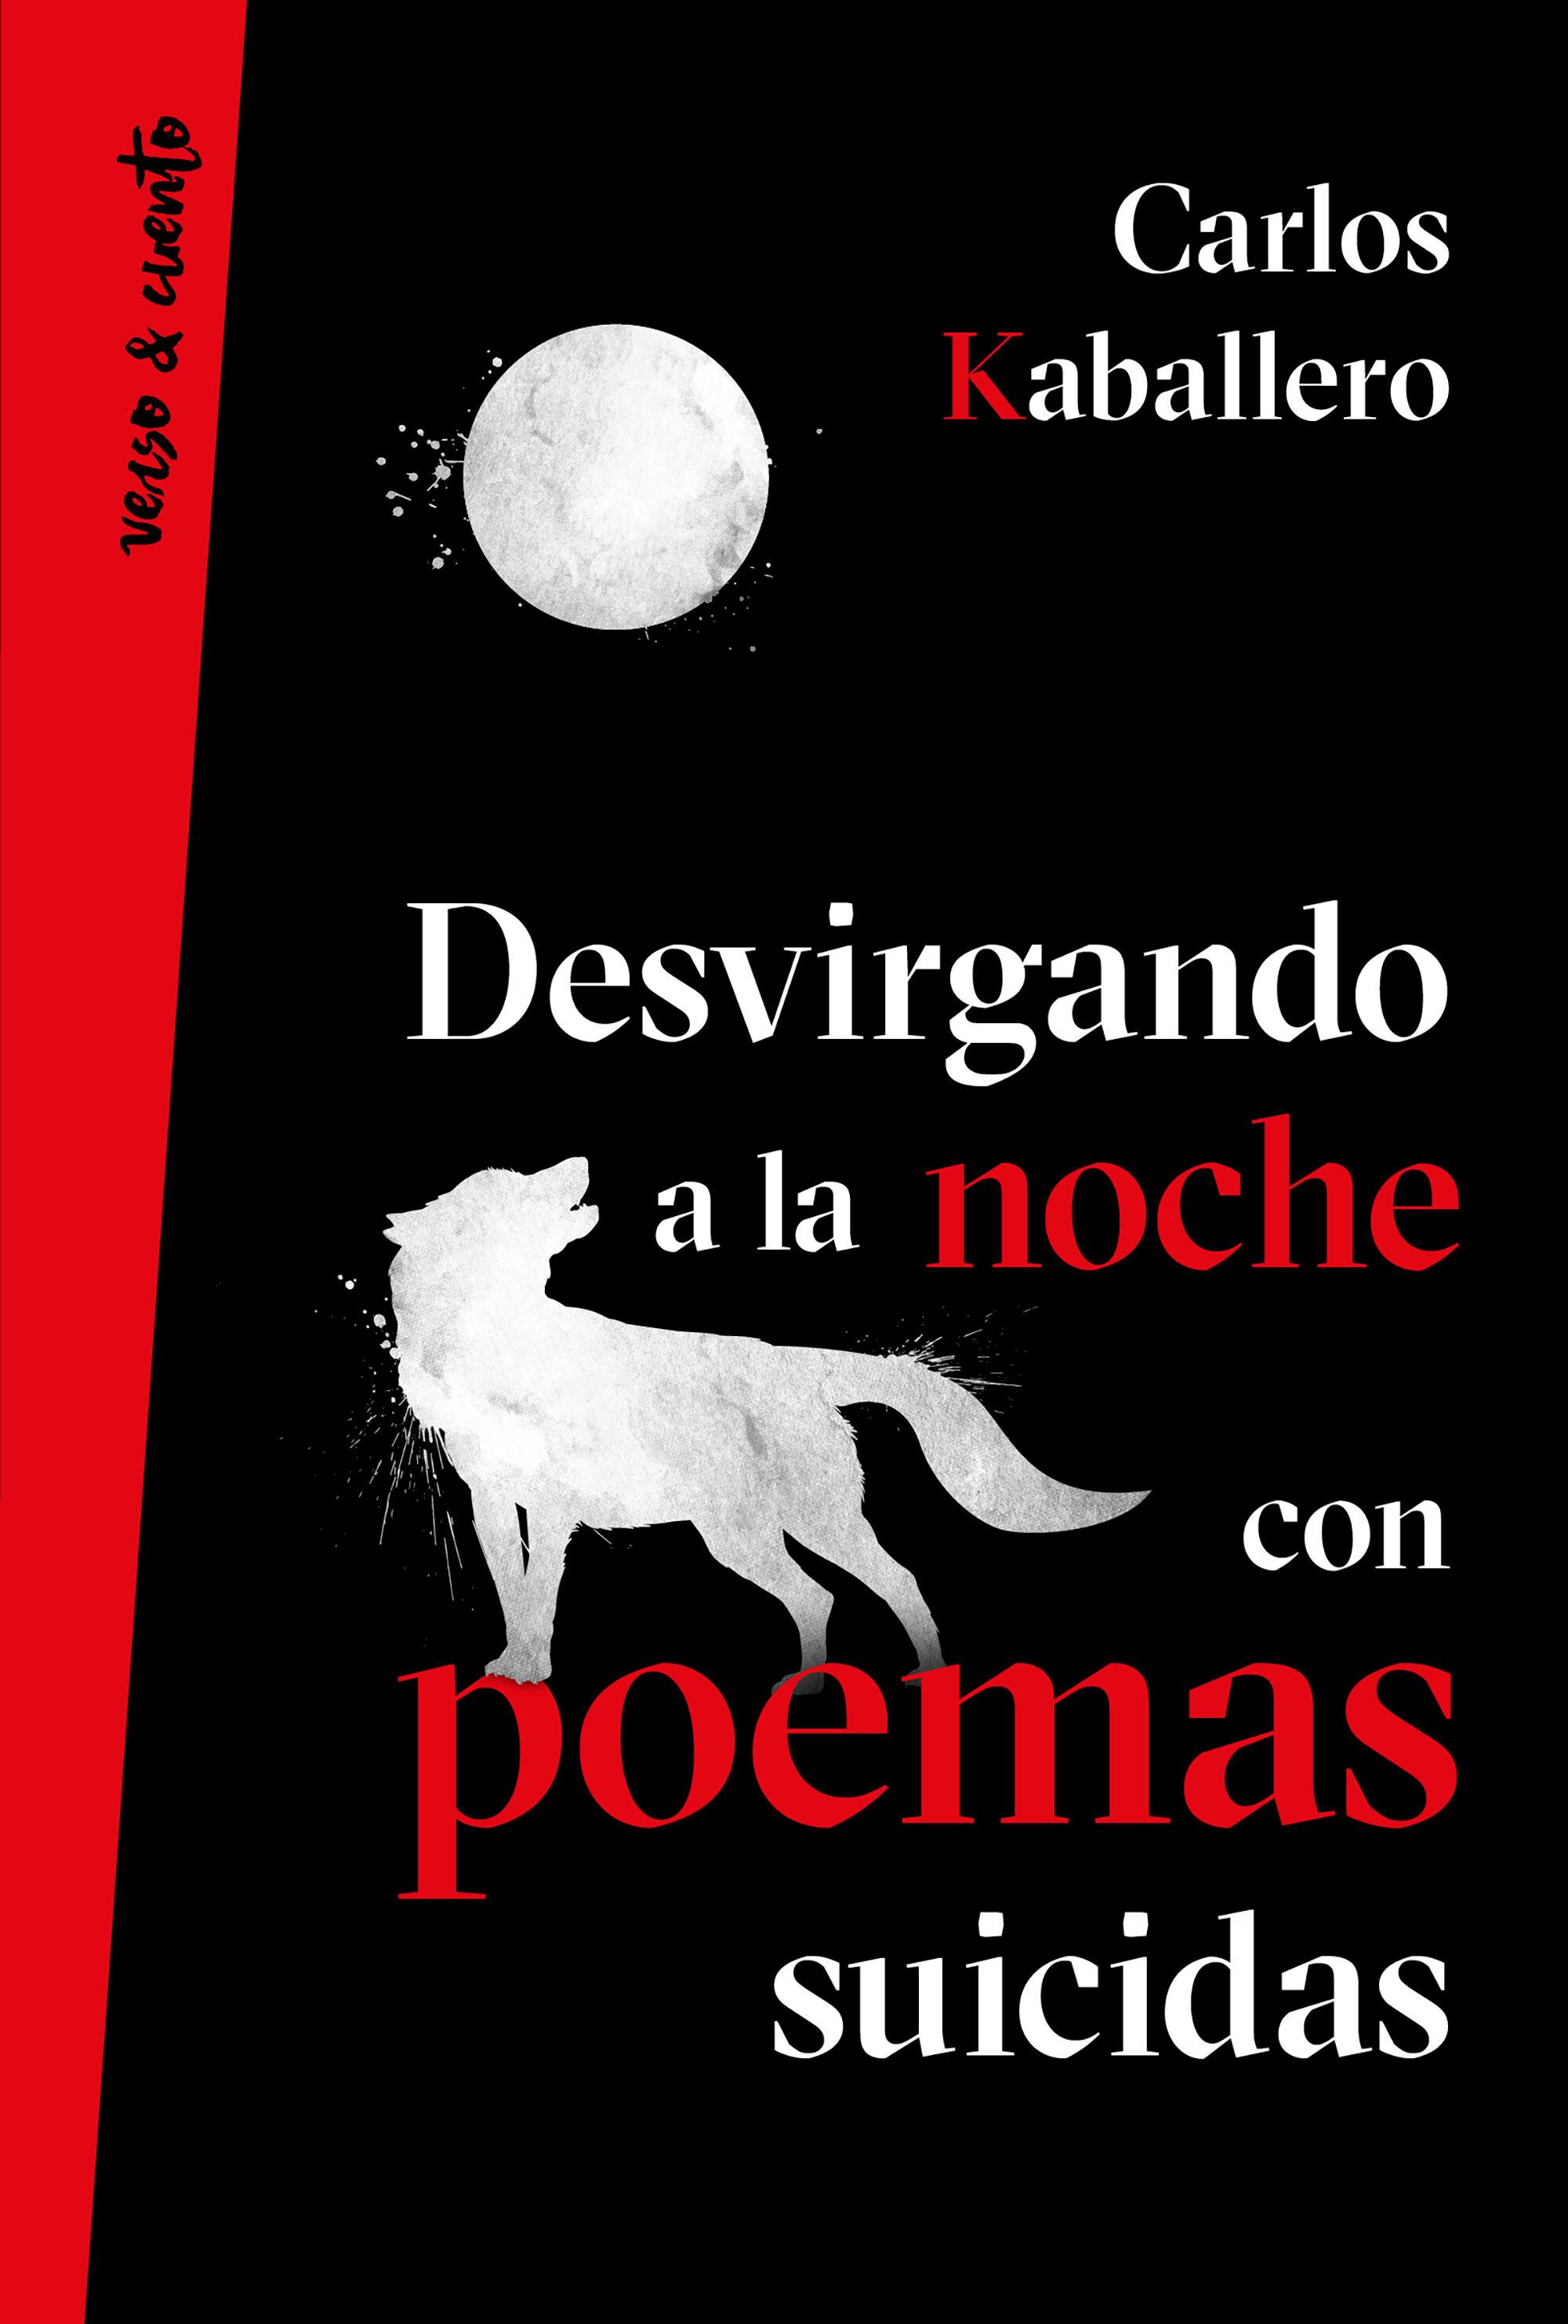 Desvirgando A La Noche Con Poemas Suicidas por Carloskaballero